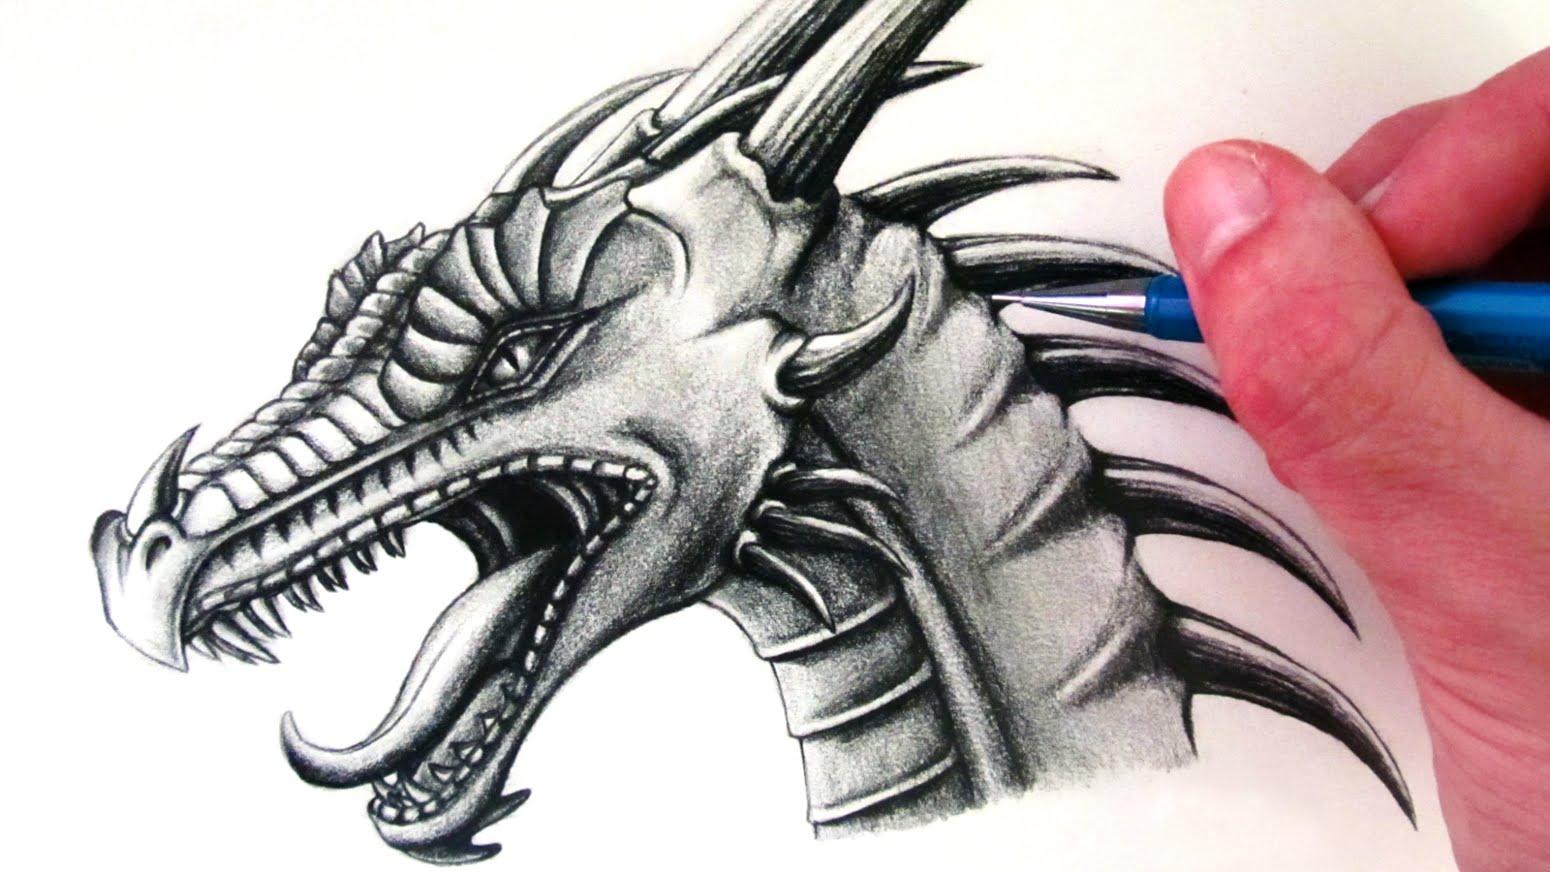 Drawn snake dragon A Draw Head How